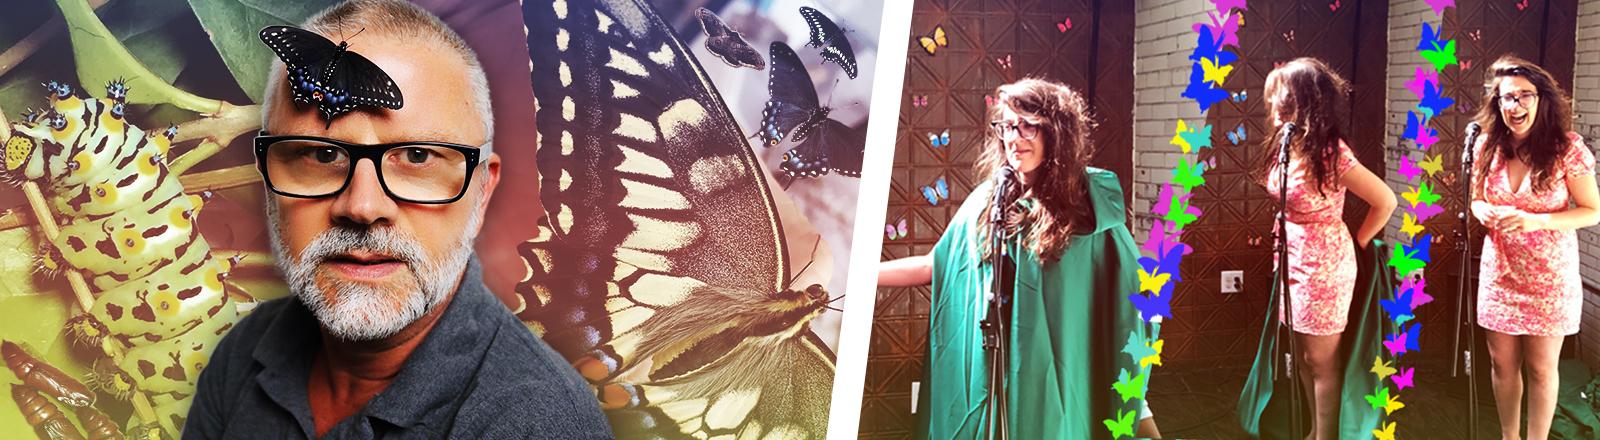 Collage: Schriftsteller Peter Henning mit einem Schmetterling und Danielle Thomson feiert eine Schmetterlingsparty.